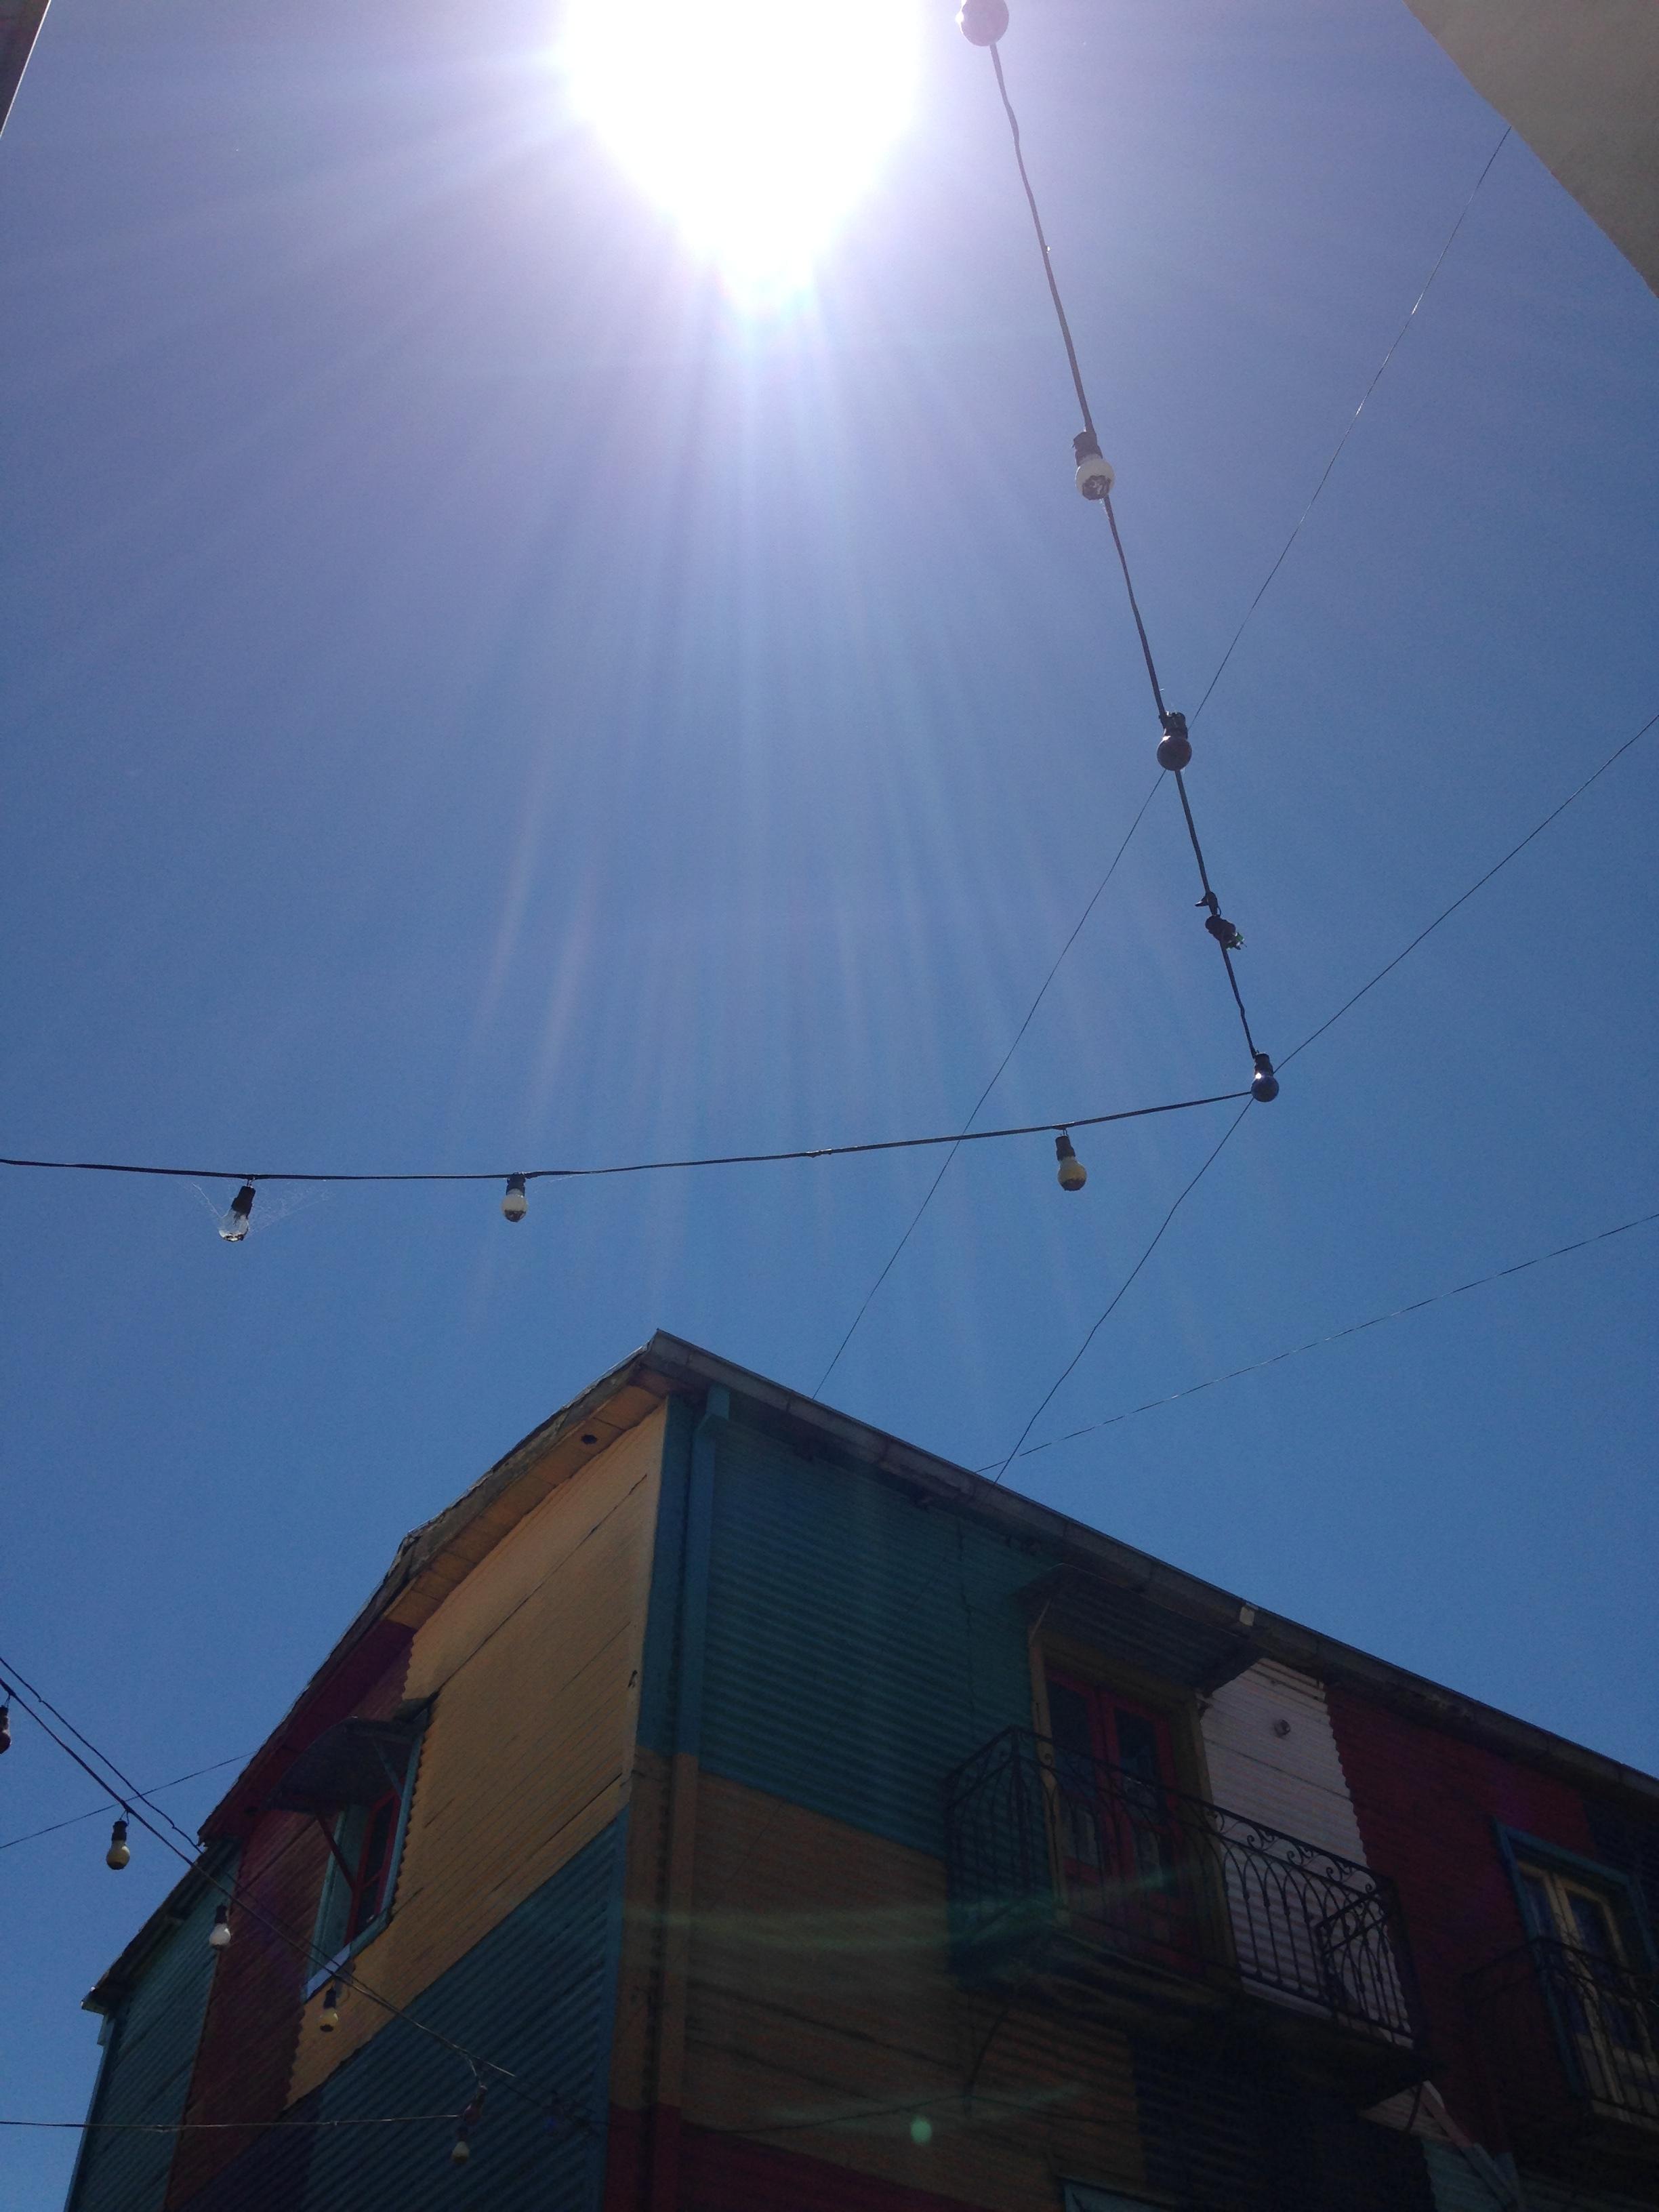 Caminitos, colorful La Boca area